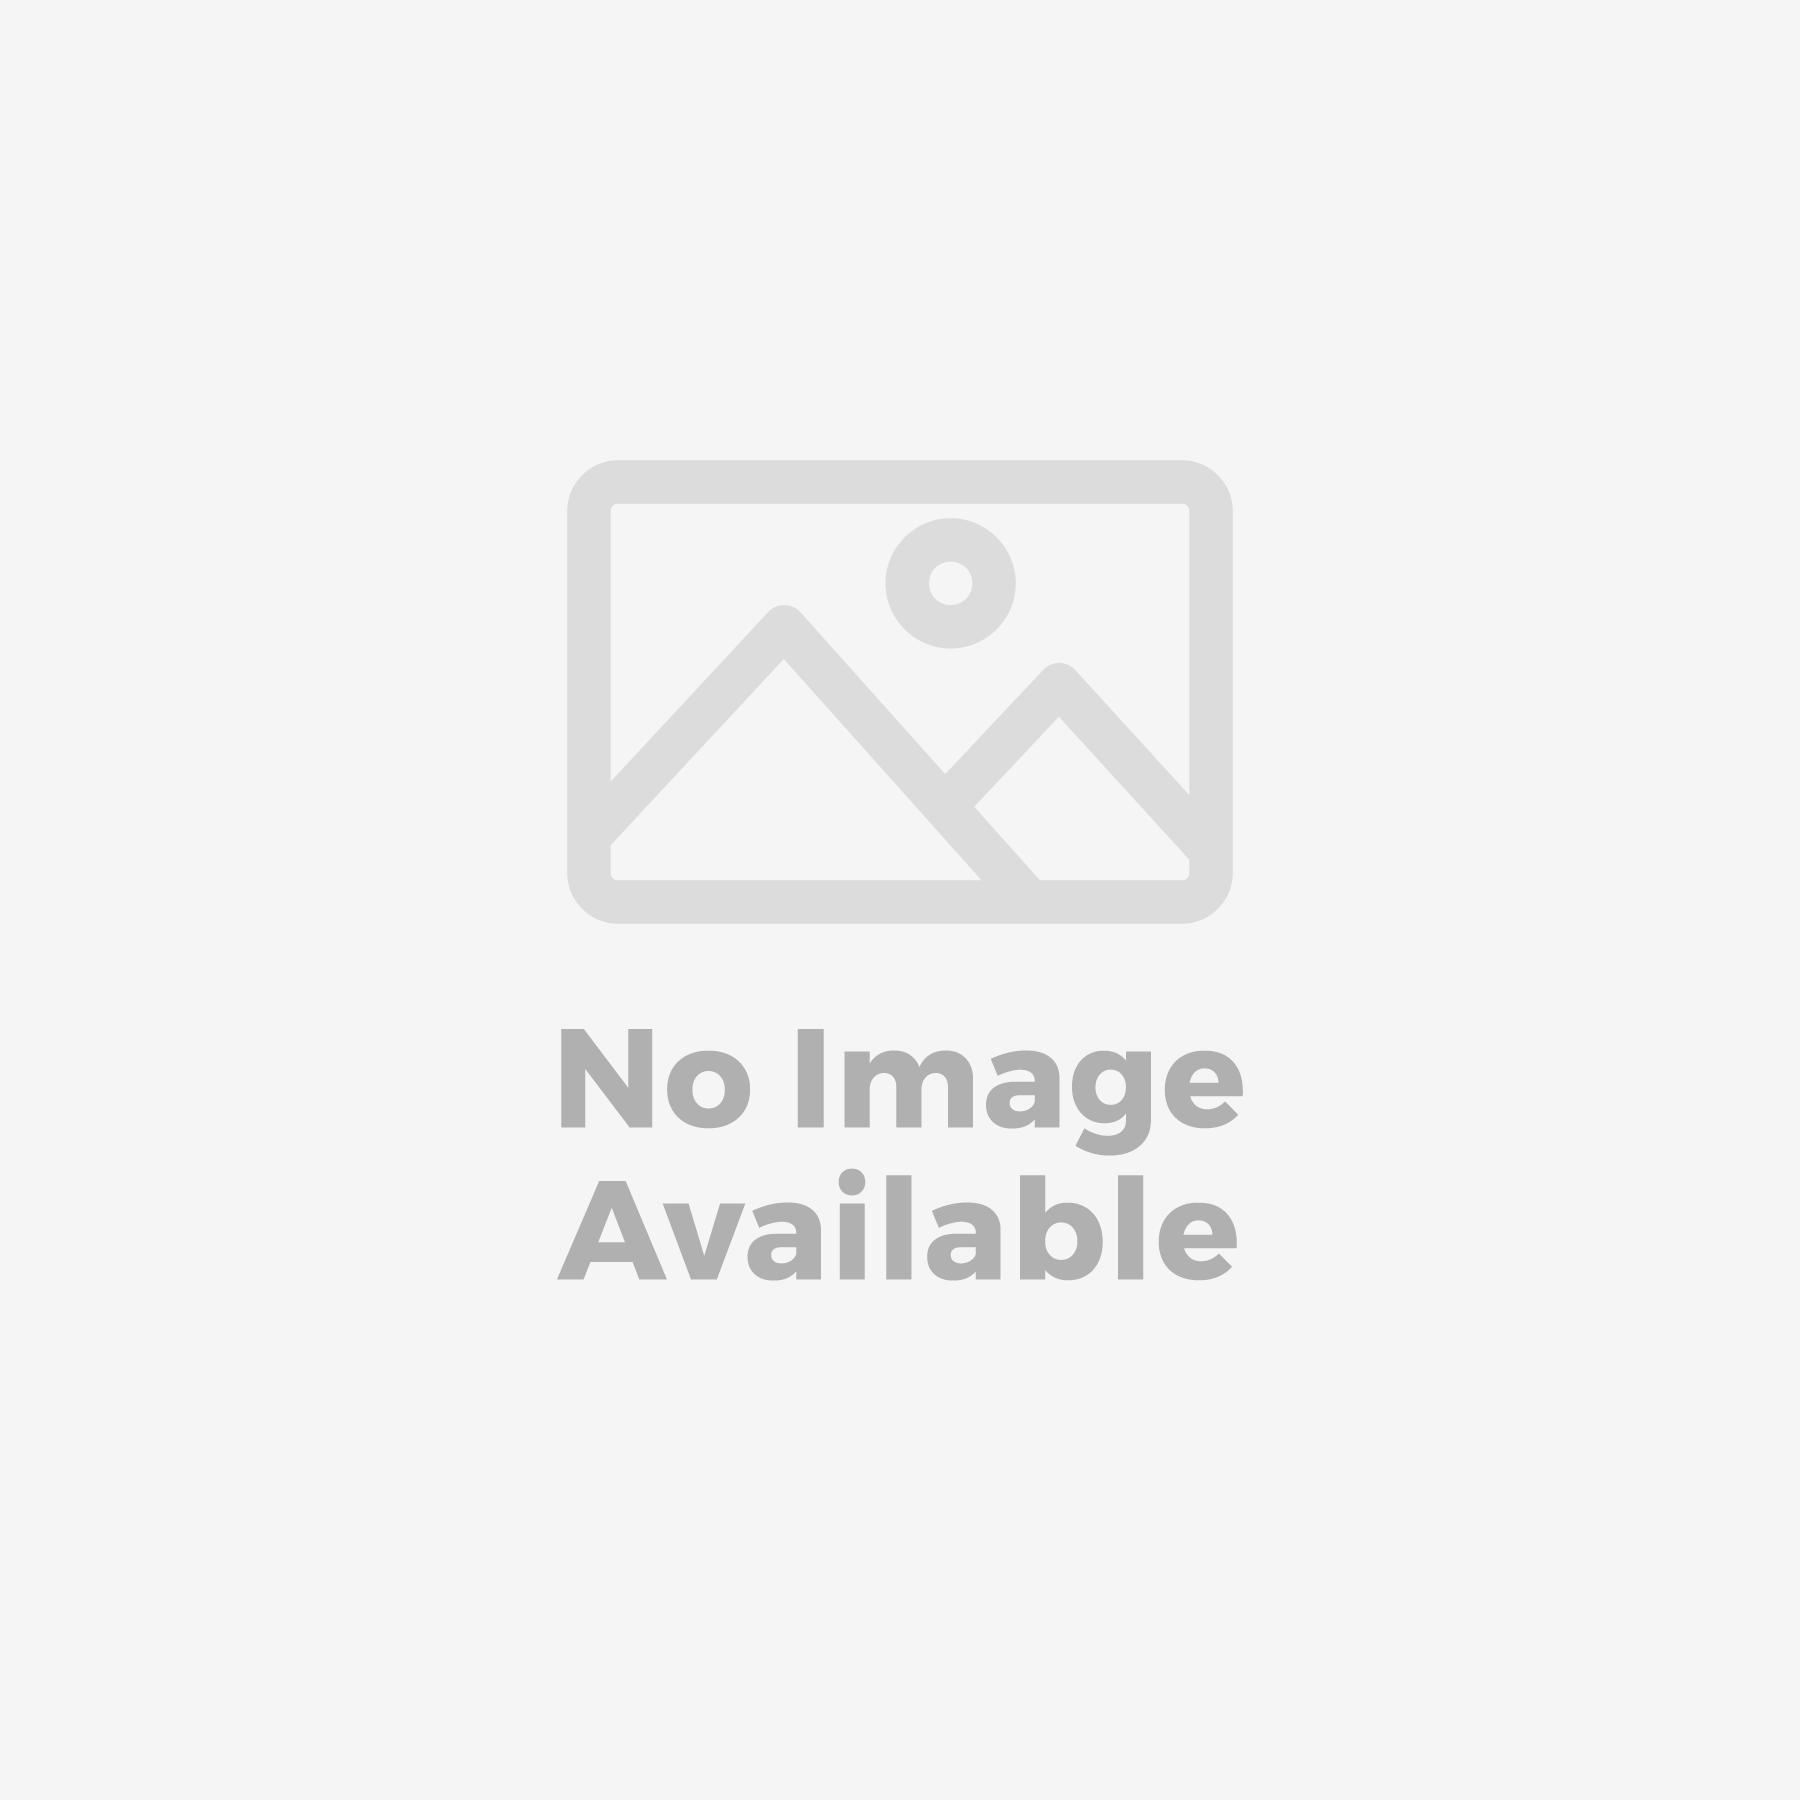 SERENE GLASS VASE ON A DRIFTWOOD BASE